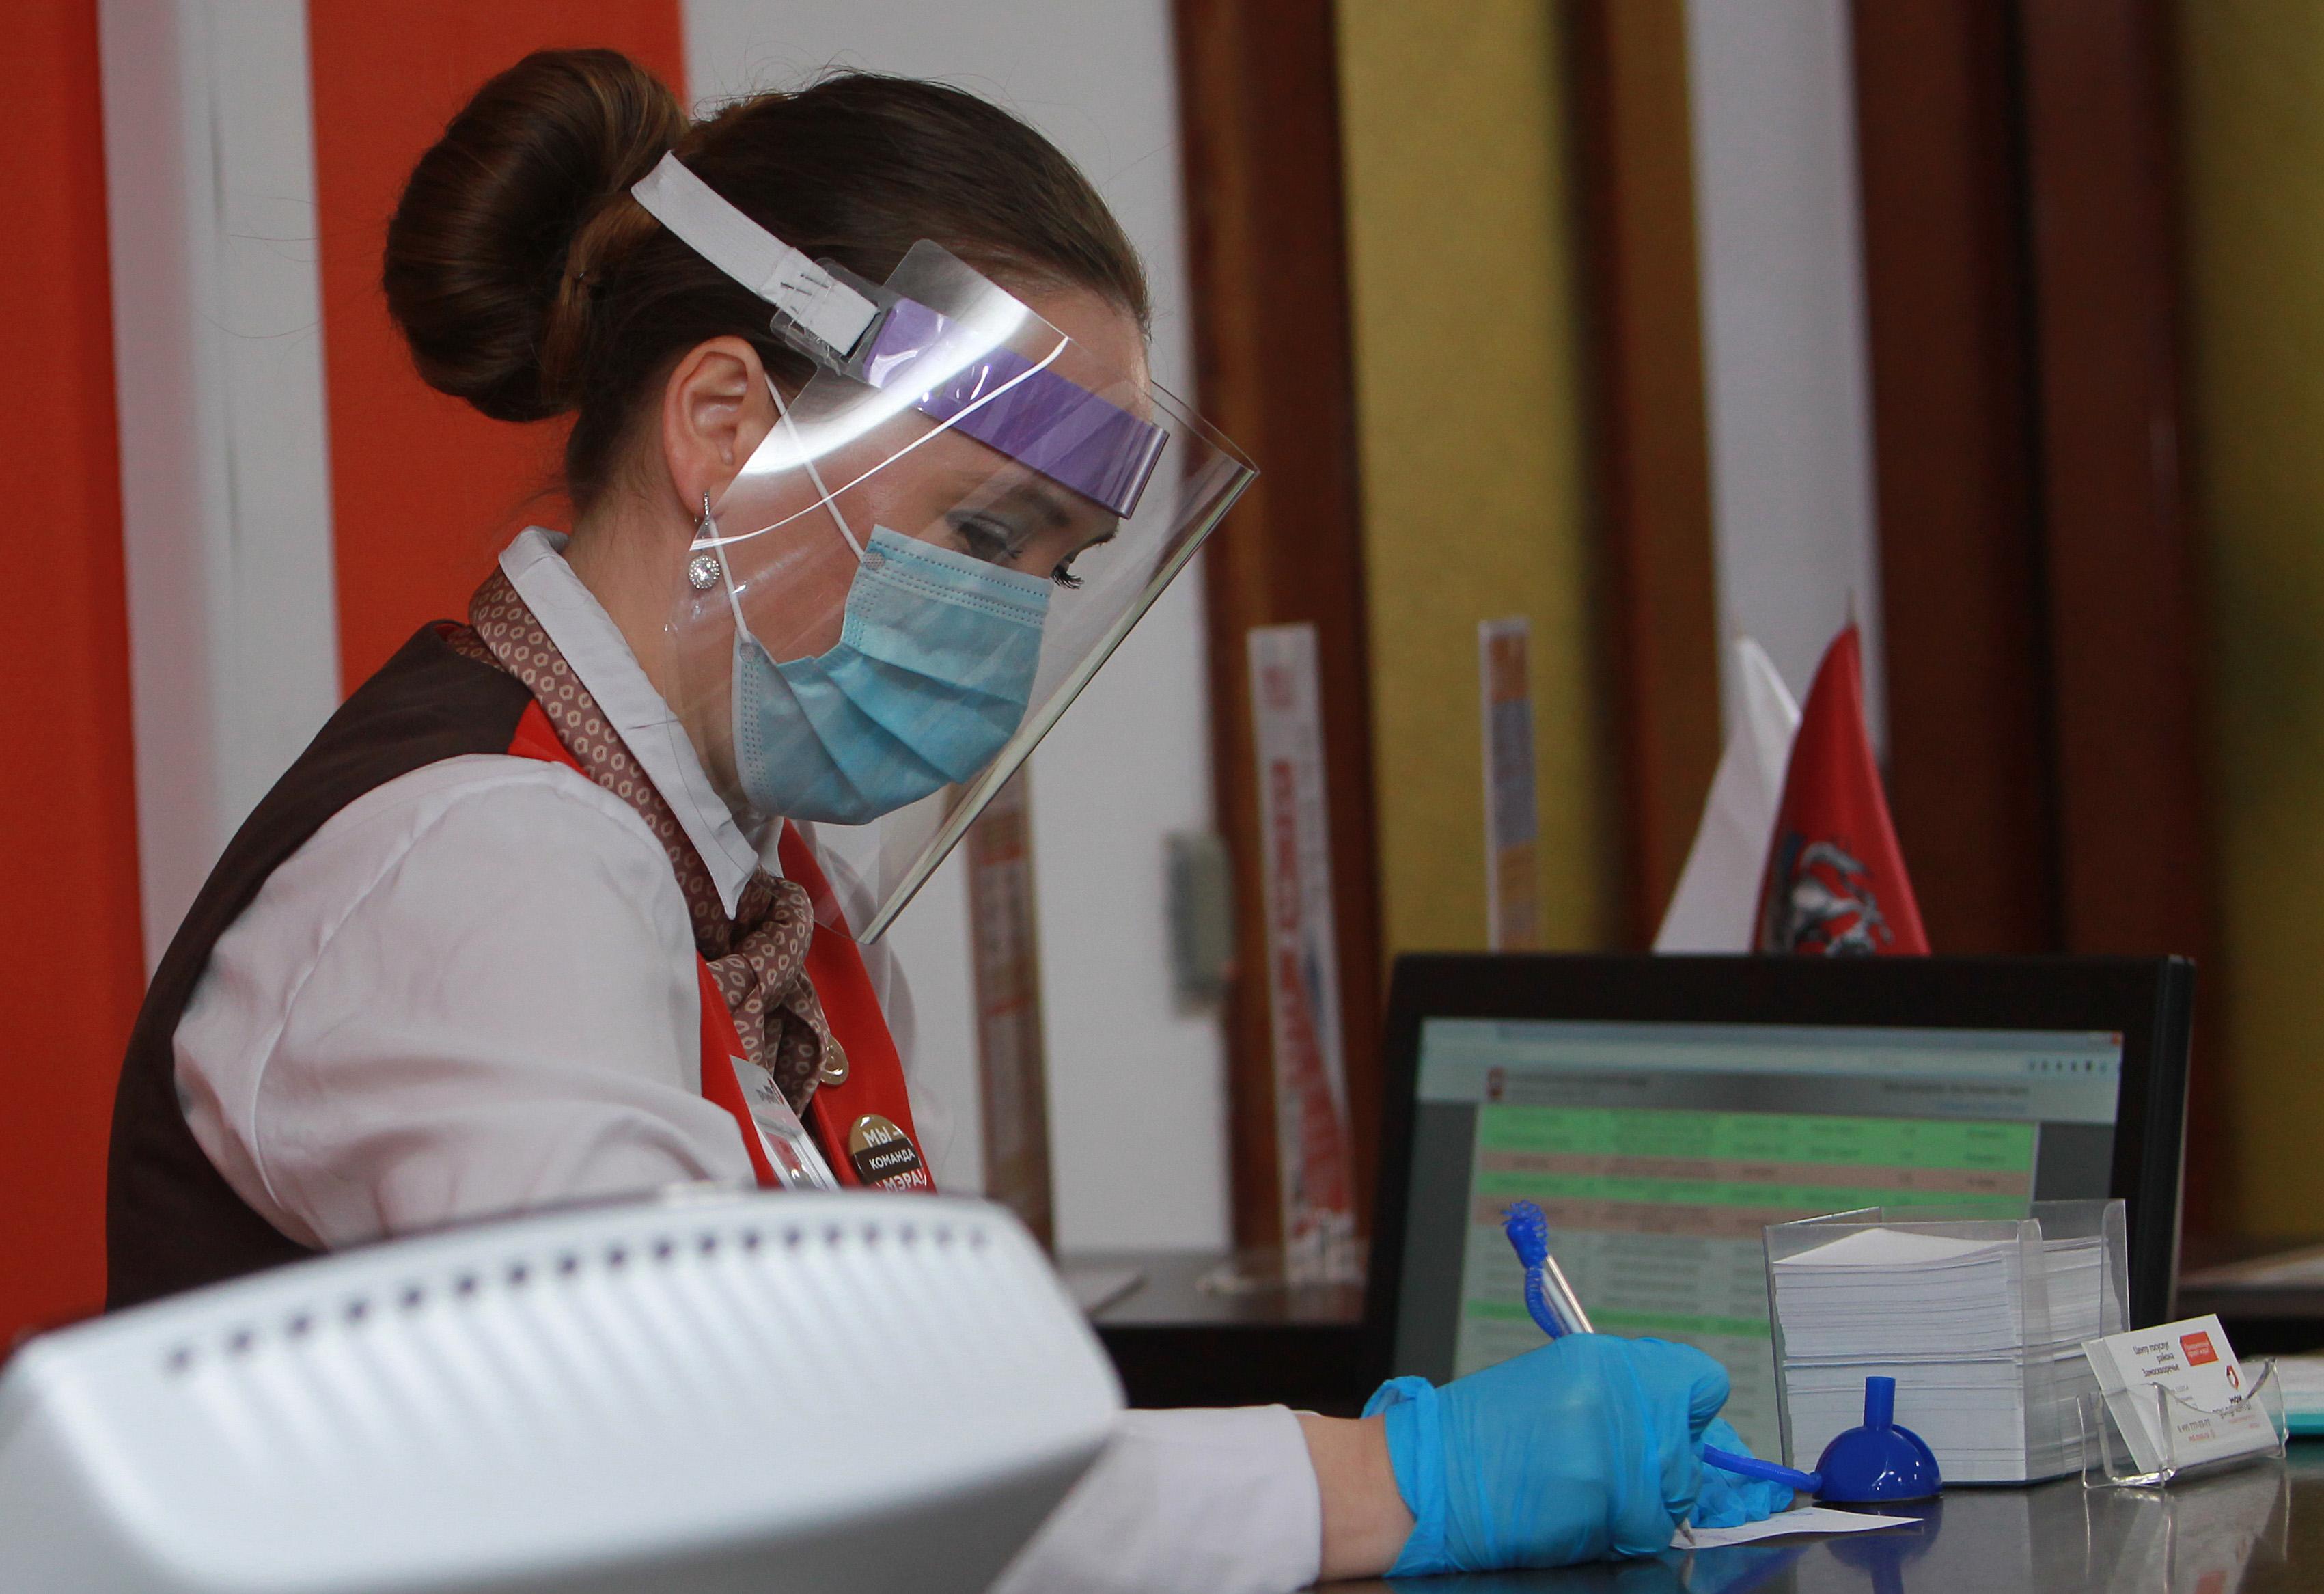 Свыше 20 миллионов услуг оказали сотрудники центров «Мои документы» в 2020 году. Фото: Наталия Нечаева, «Вечерняя Москва»